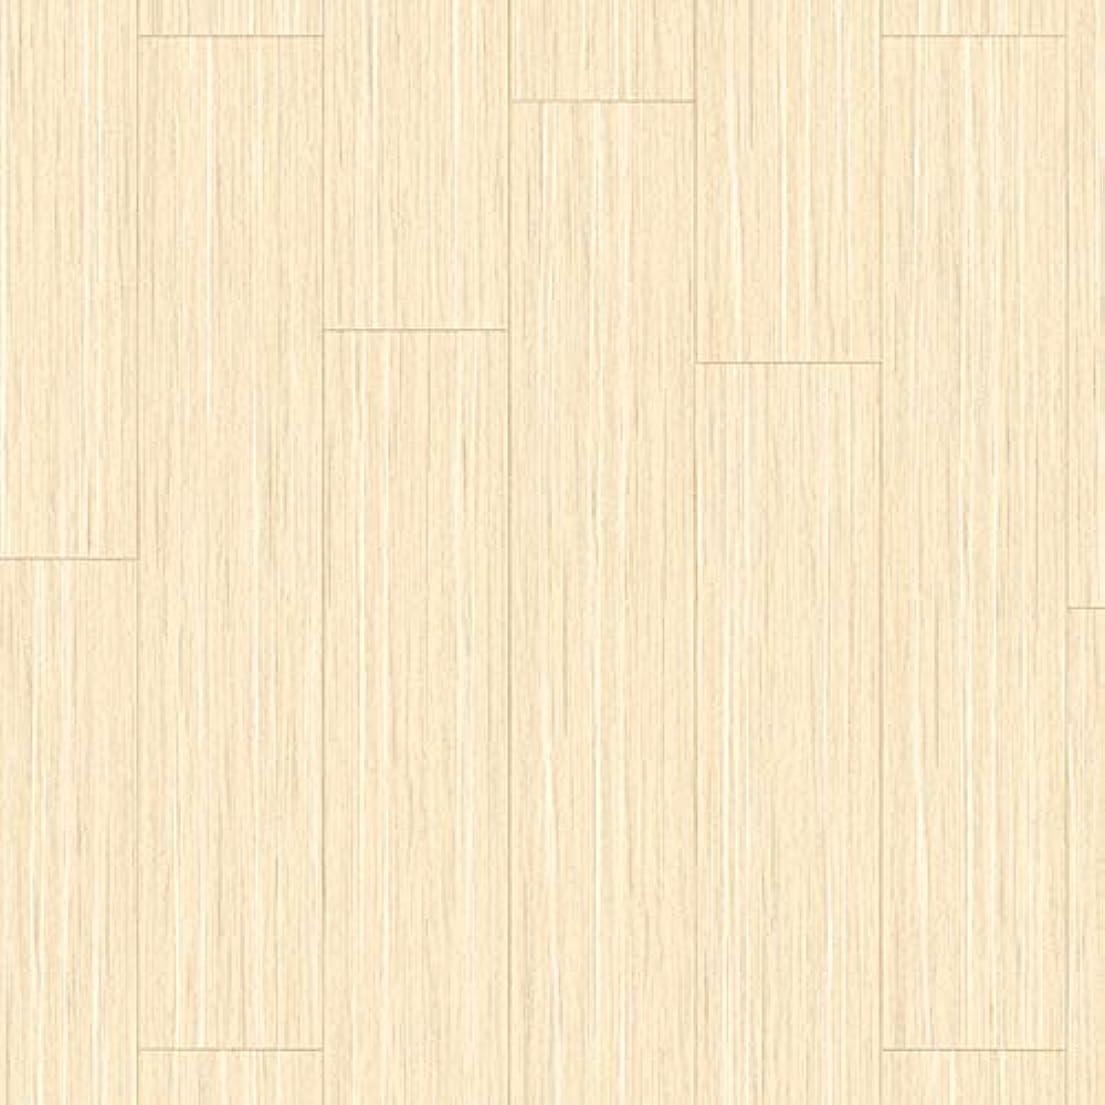 議論するマオリ乳白色サンゲツ Hフロア クッションフロア クッションシート 住宅用 DIY ウッド?木目柄 クラフトウッド 【長さ1m×注文数】 HM-10034 (旧HM-4047)